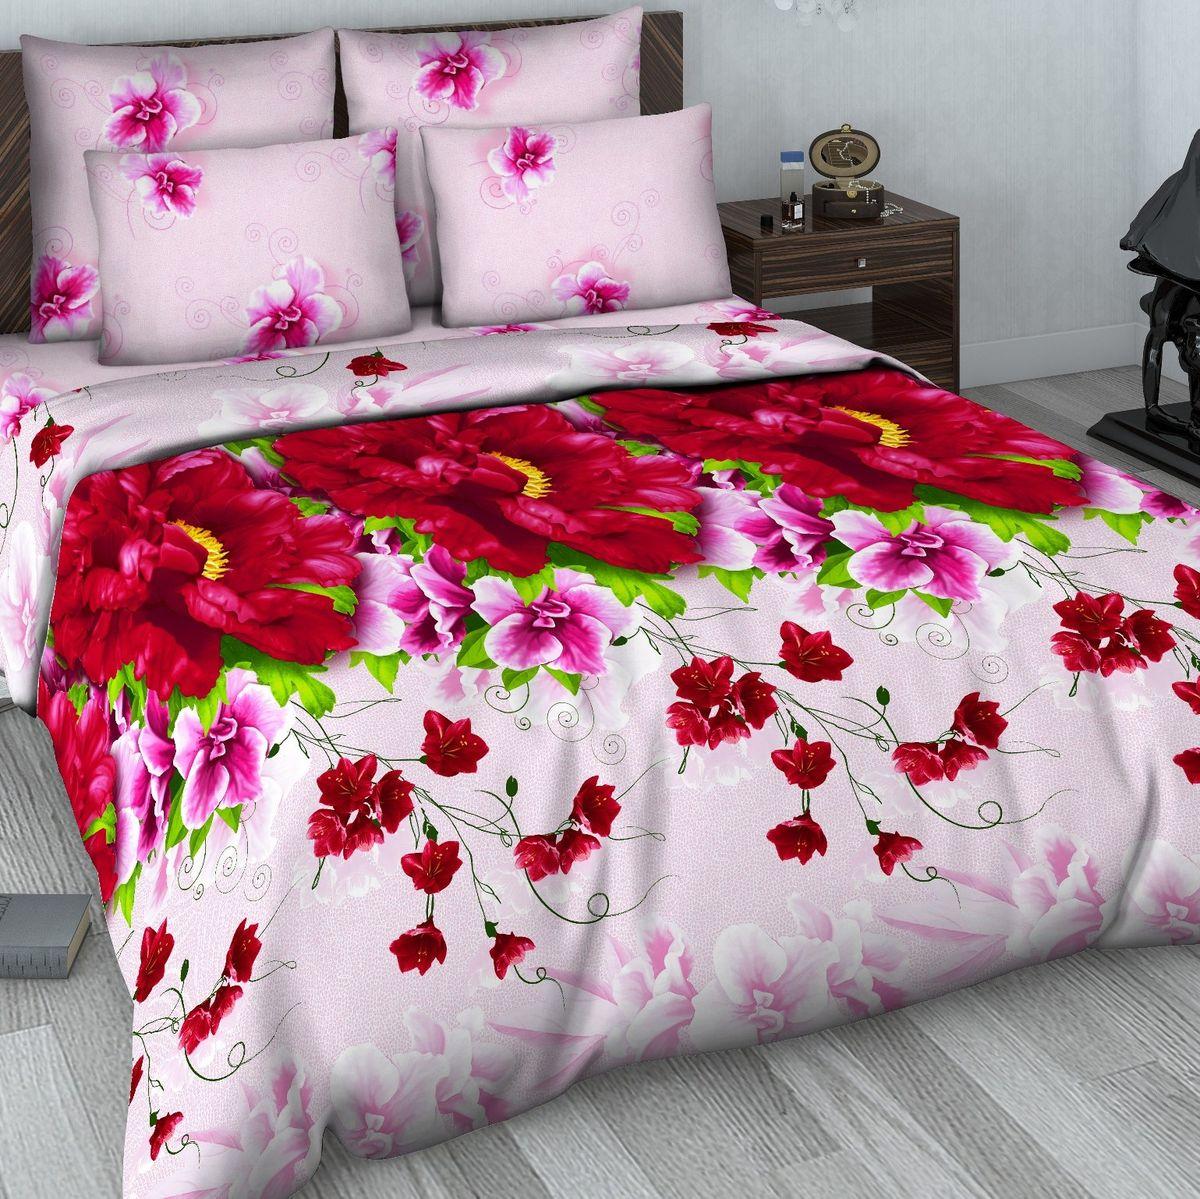 Комплект белья Василиса, 2-спальный, наволочки 70х70. 607/2